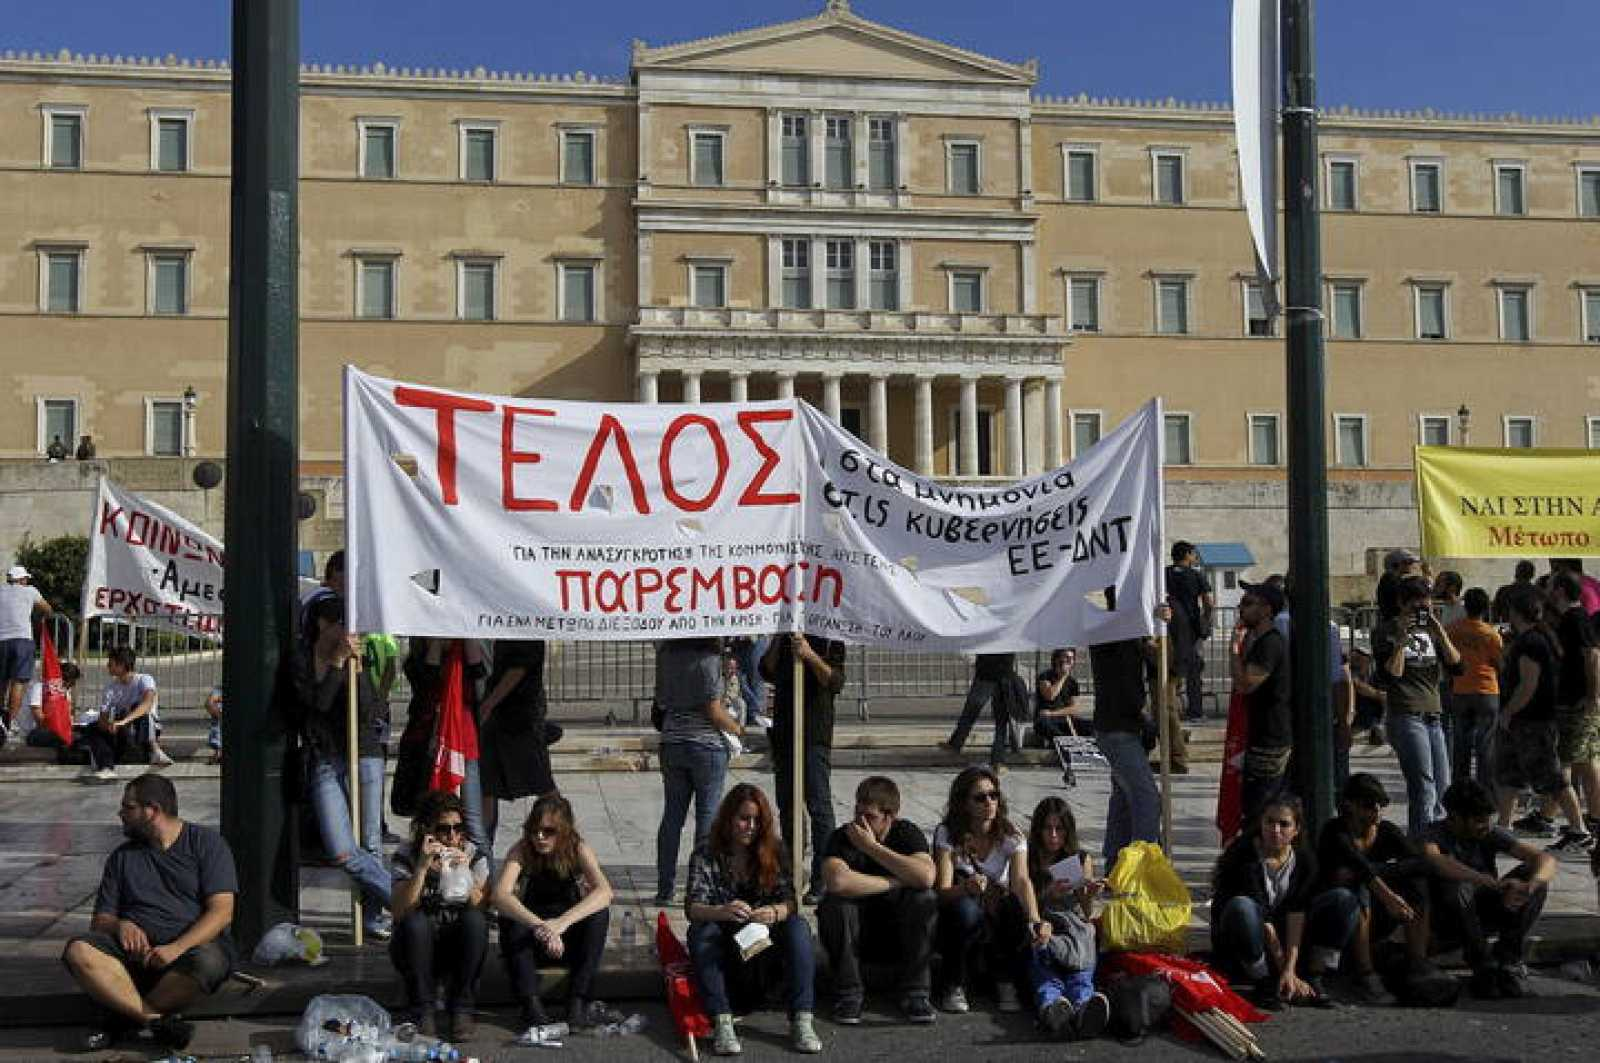 Seguimiento masivo de la huelga general de 48 horas en Grecia contra las nuevas medidas de austeridad